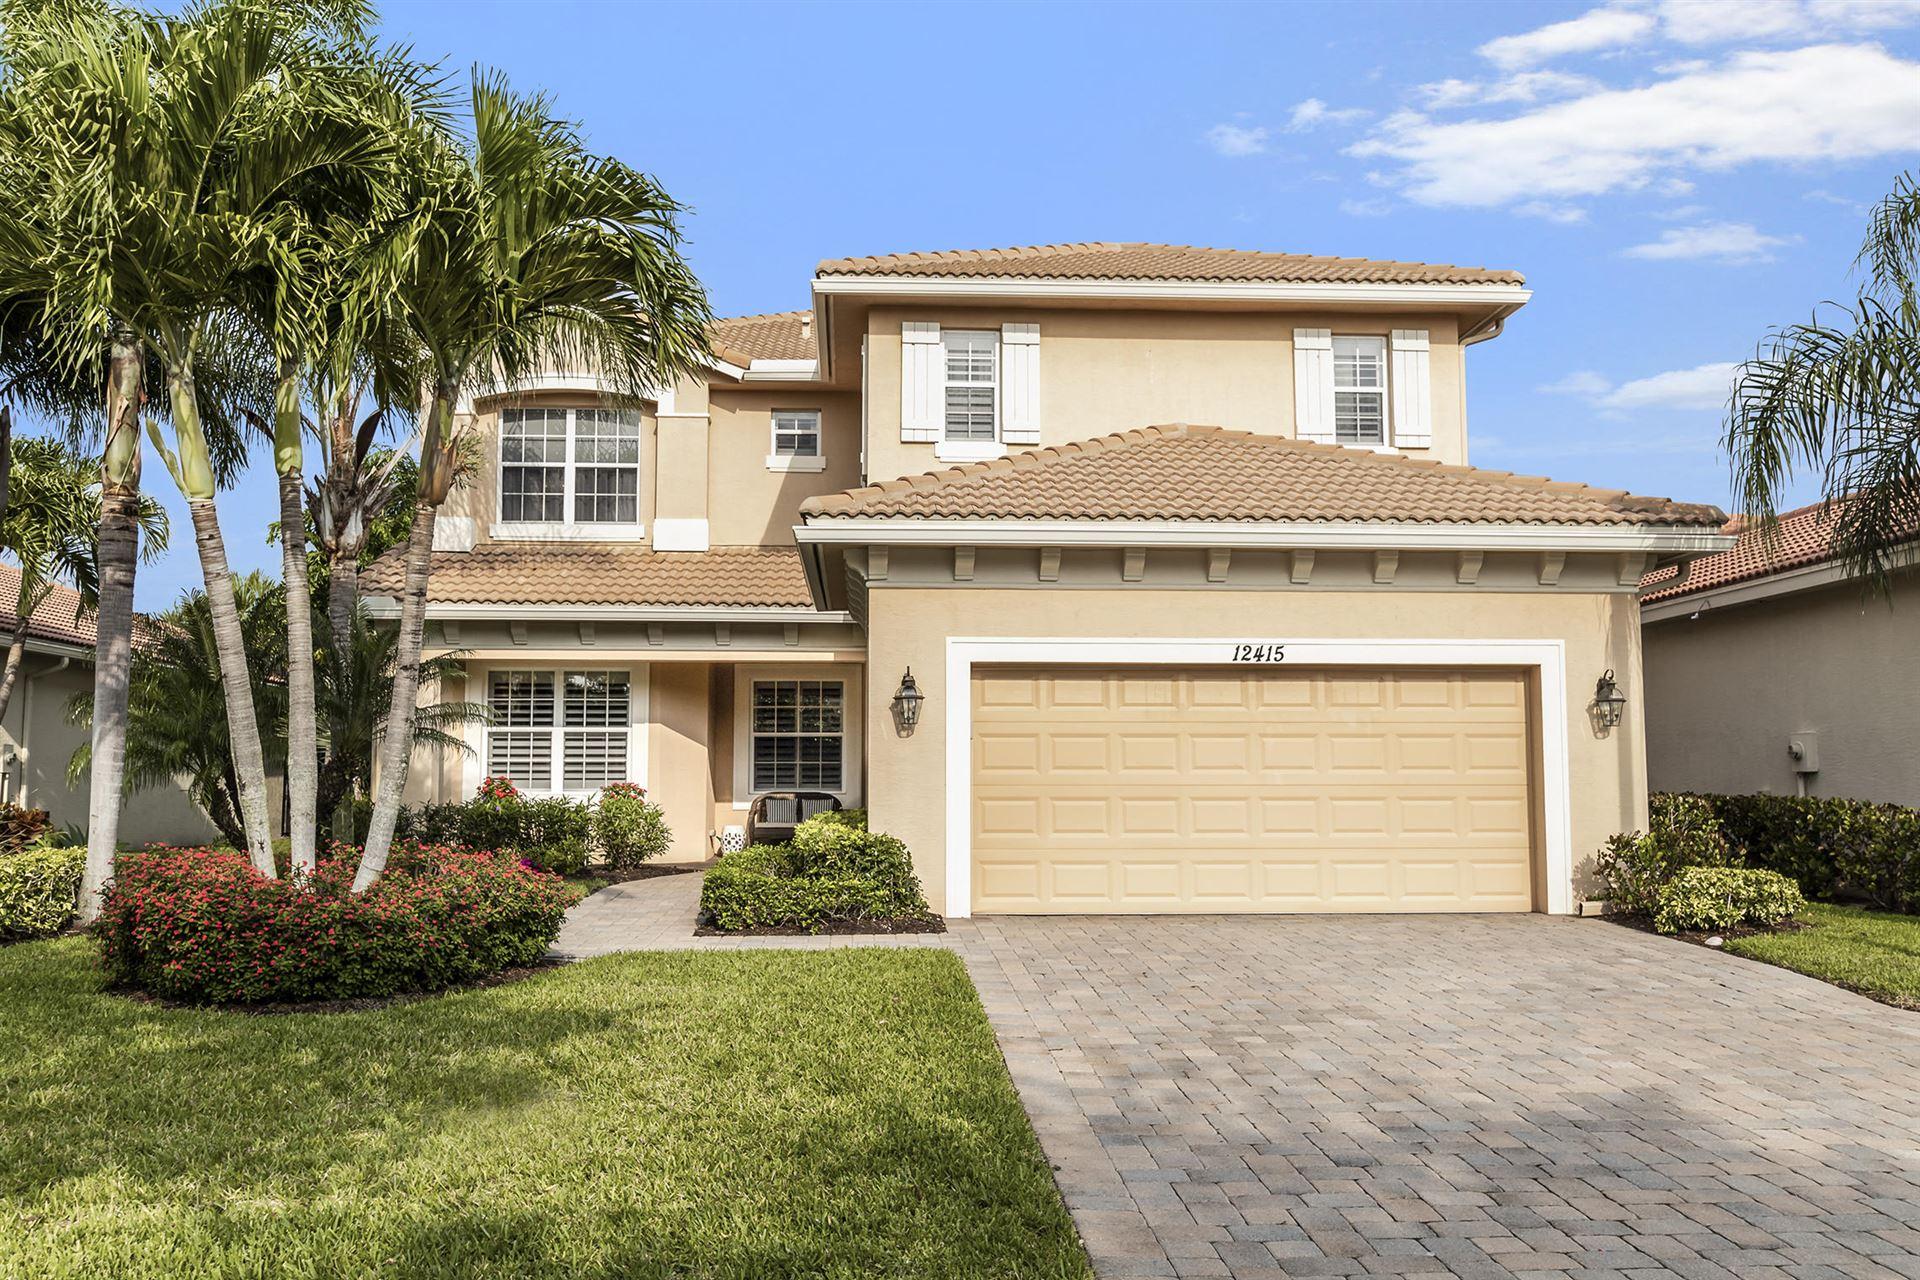 12415 Aviles Circle, Palm Beach Gardens, FL 33418 - #: RX-10617928